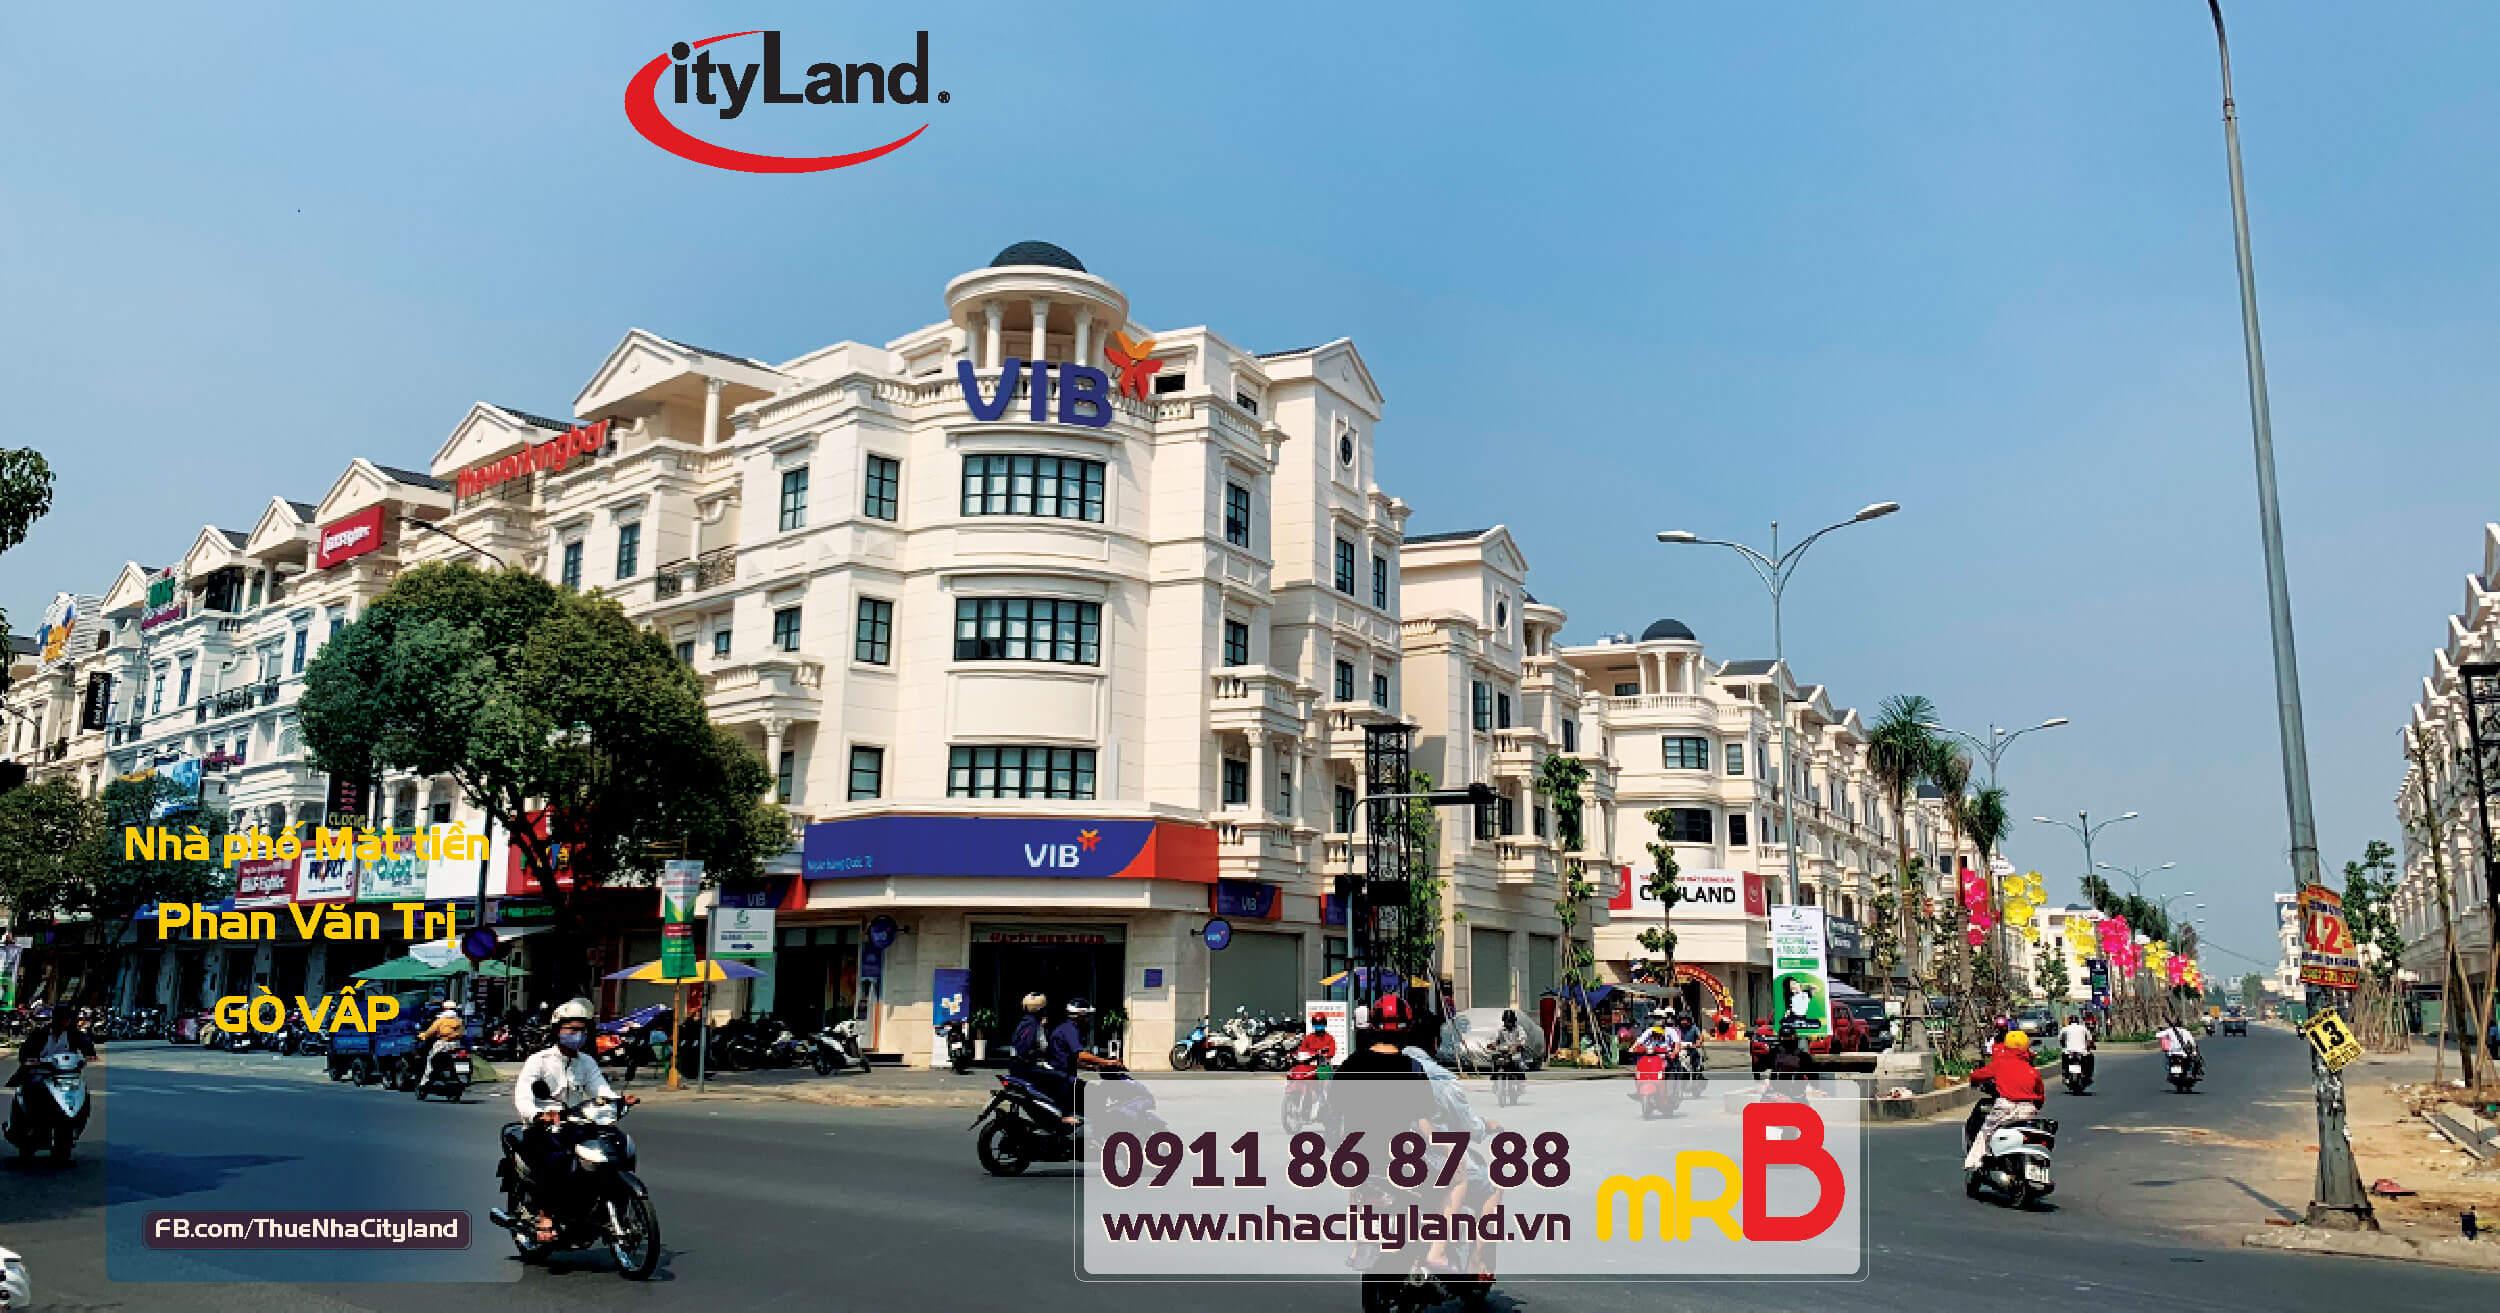 Cho thuê Nhà phố Cityland đối diện VIB Ngân hàng quốc tế tại Park Hills